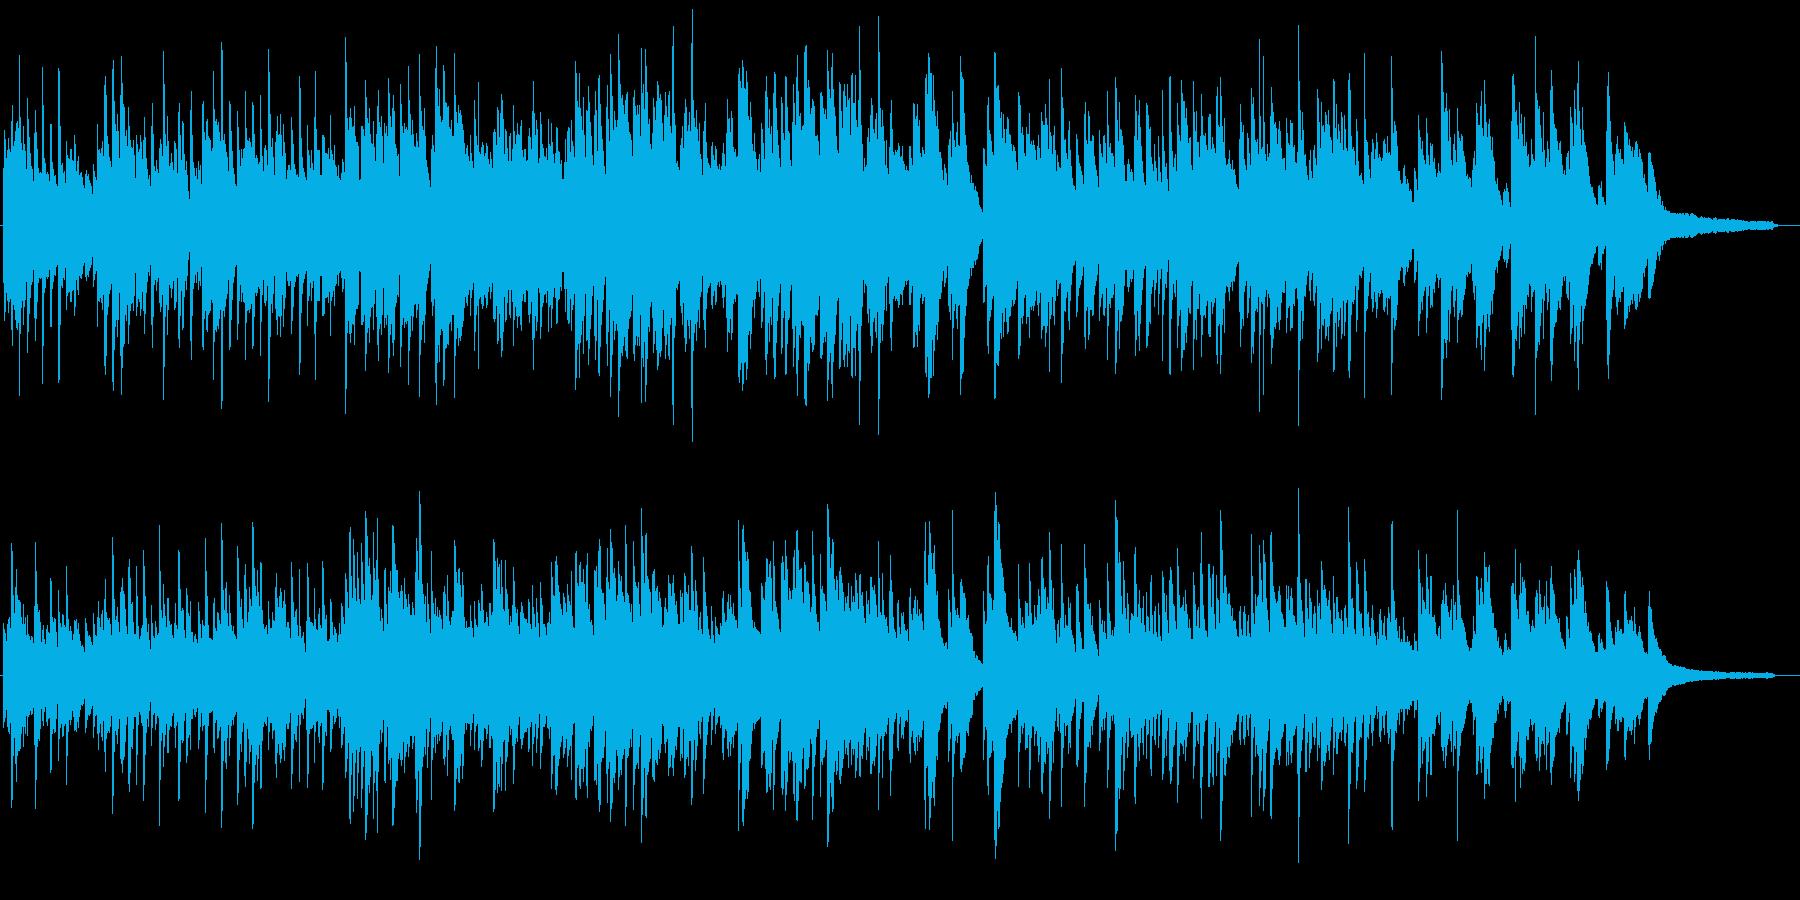 優しい 明るめのピアノソロ バラードの再生済みの波形